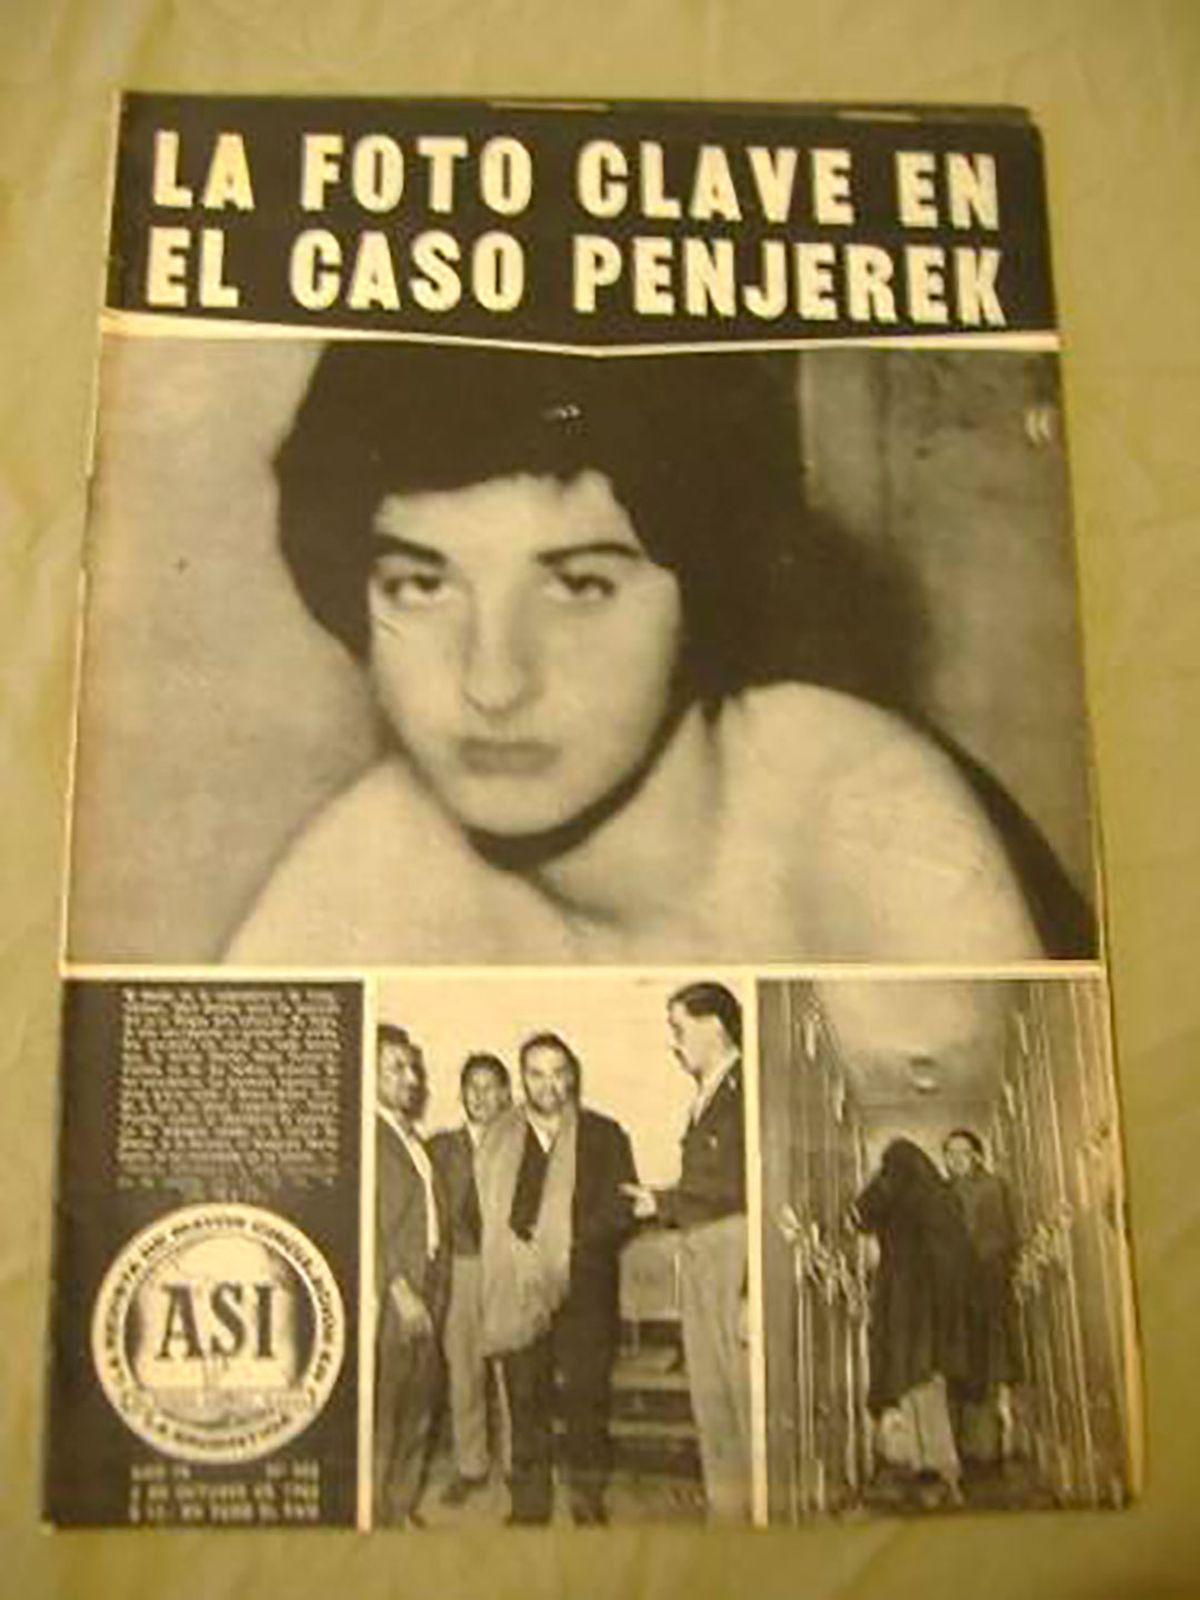 El caso de Norma Penjerek es uno de los grandes misterios. Se habló de trata de personas y orgías